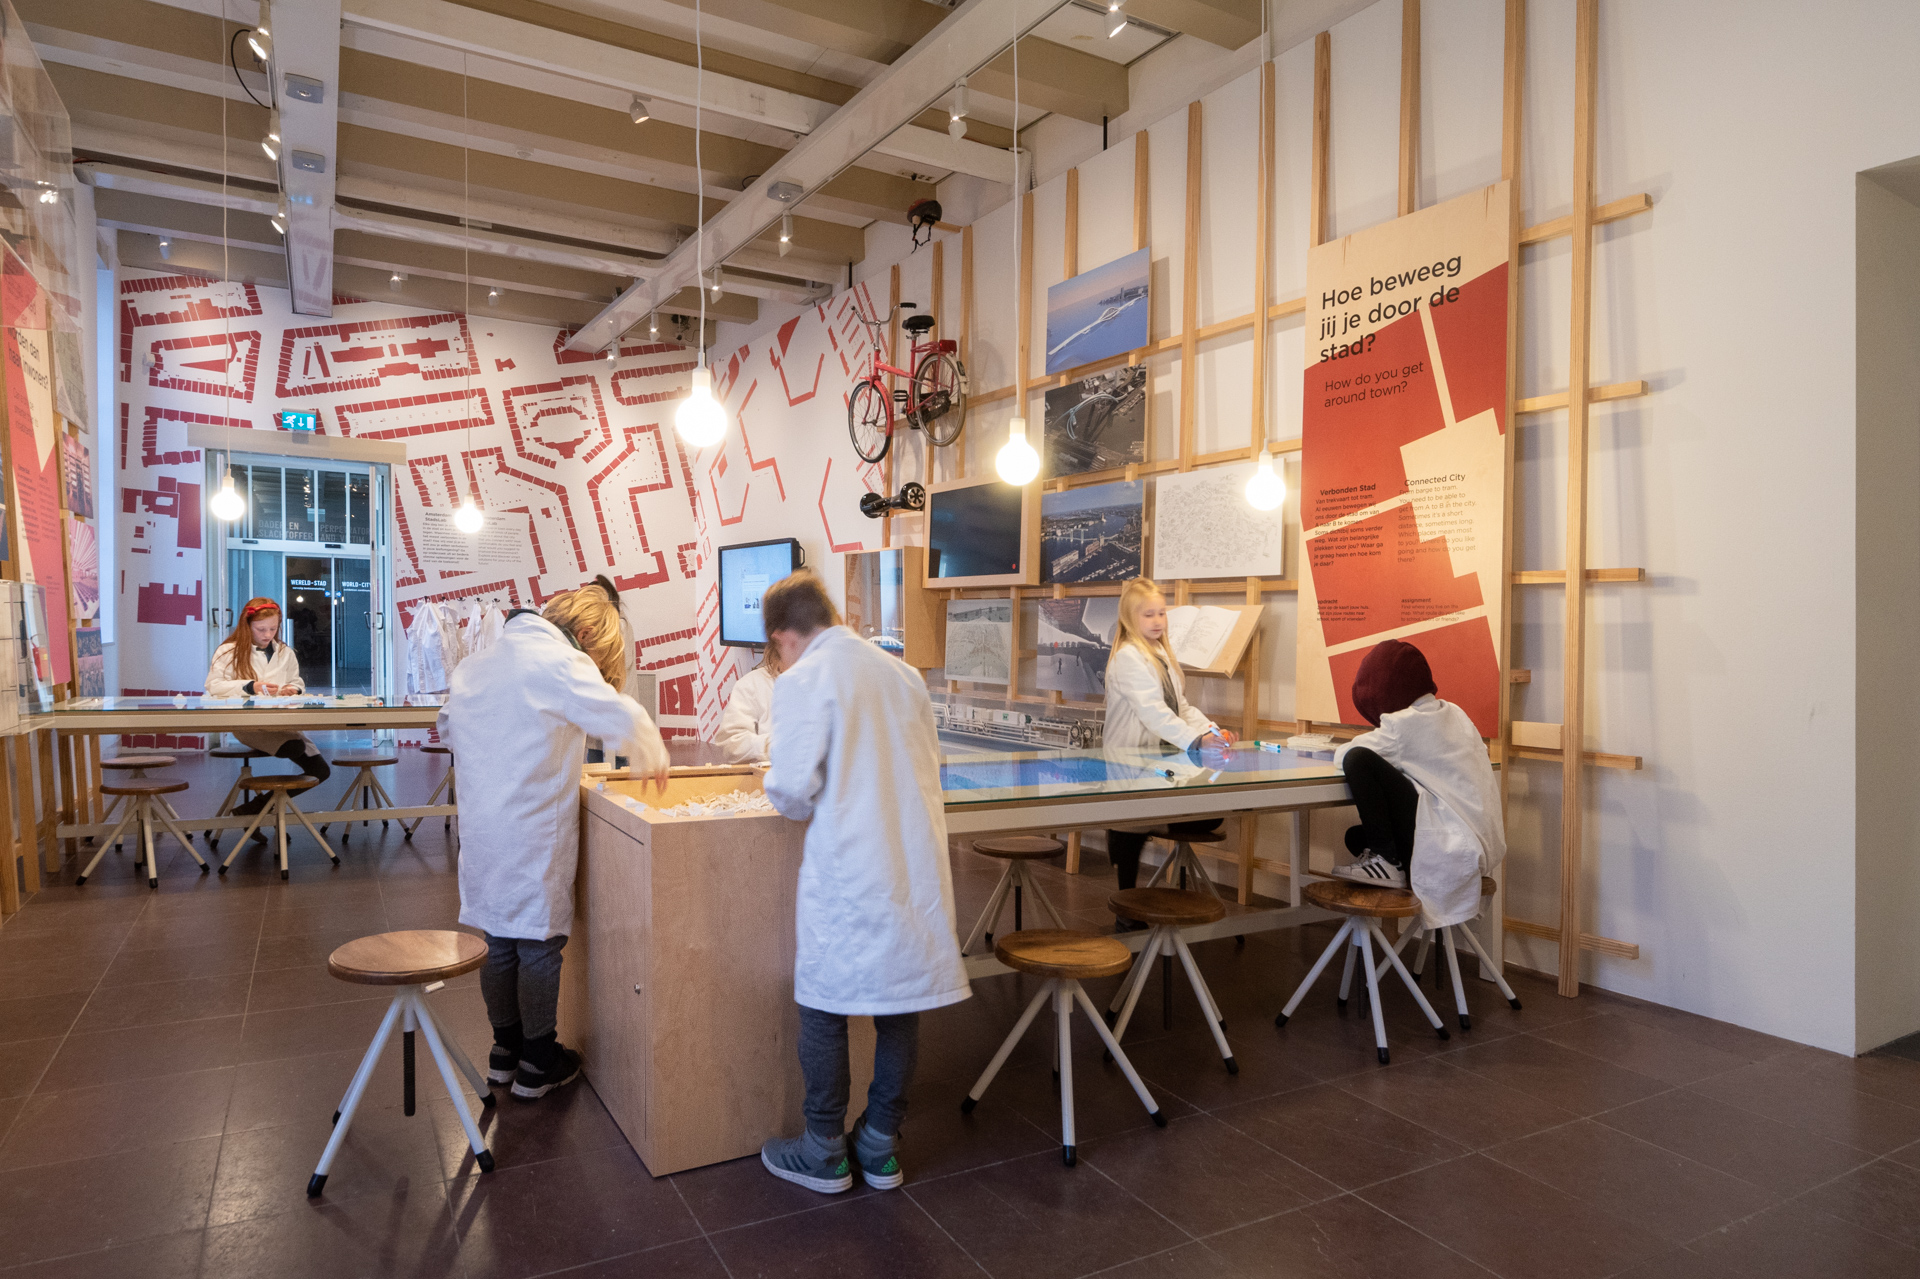 tentoonstellingsontwerp stadslab2 amsterdam museum 3 jpg